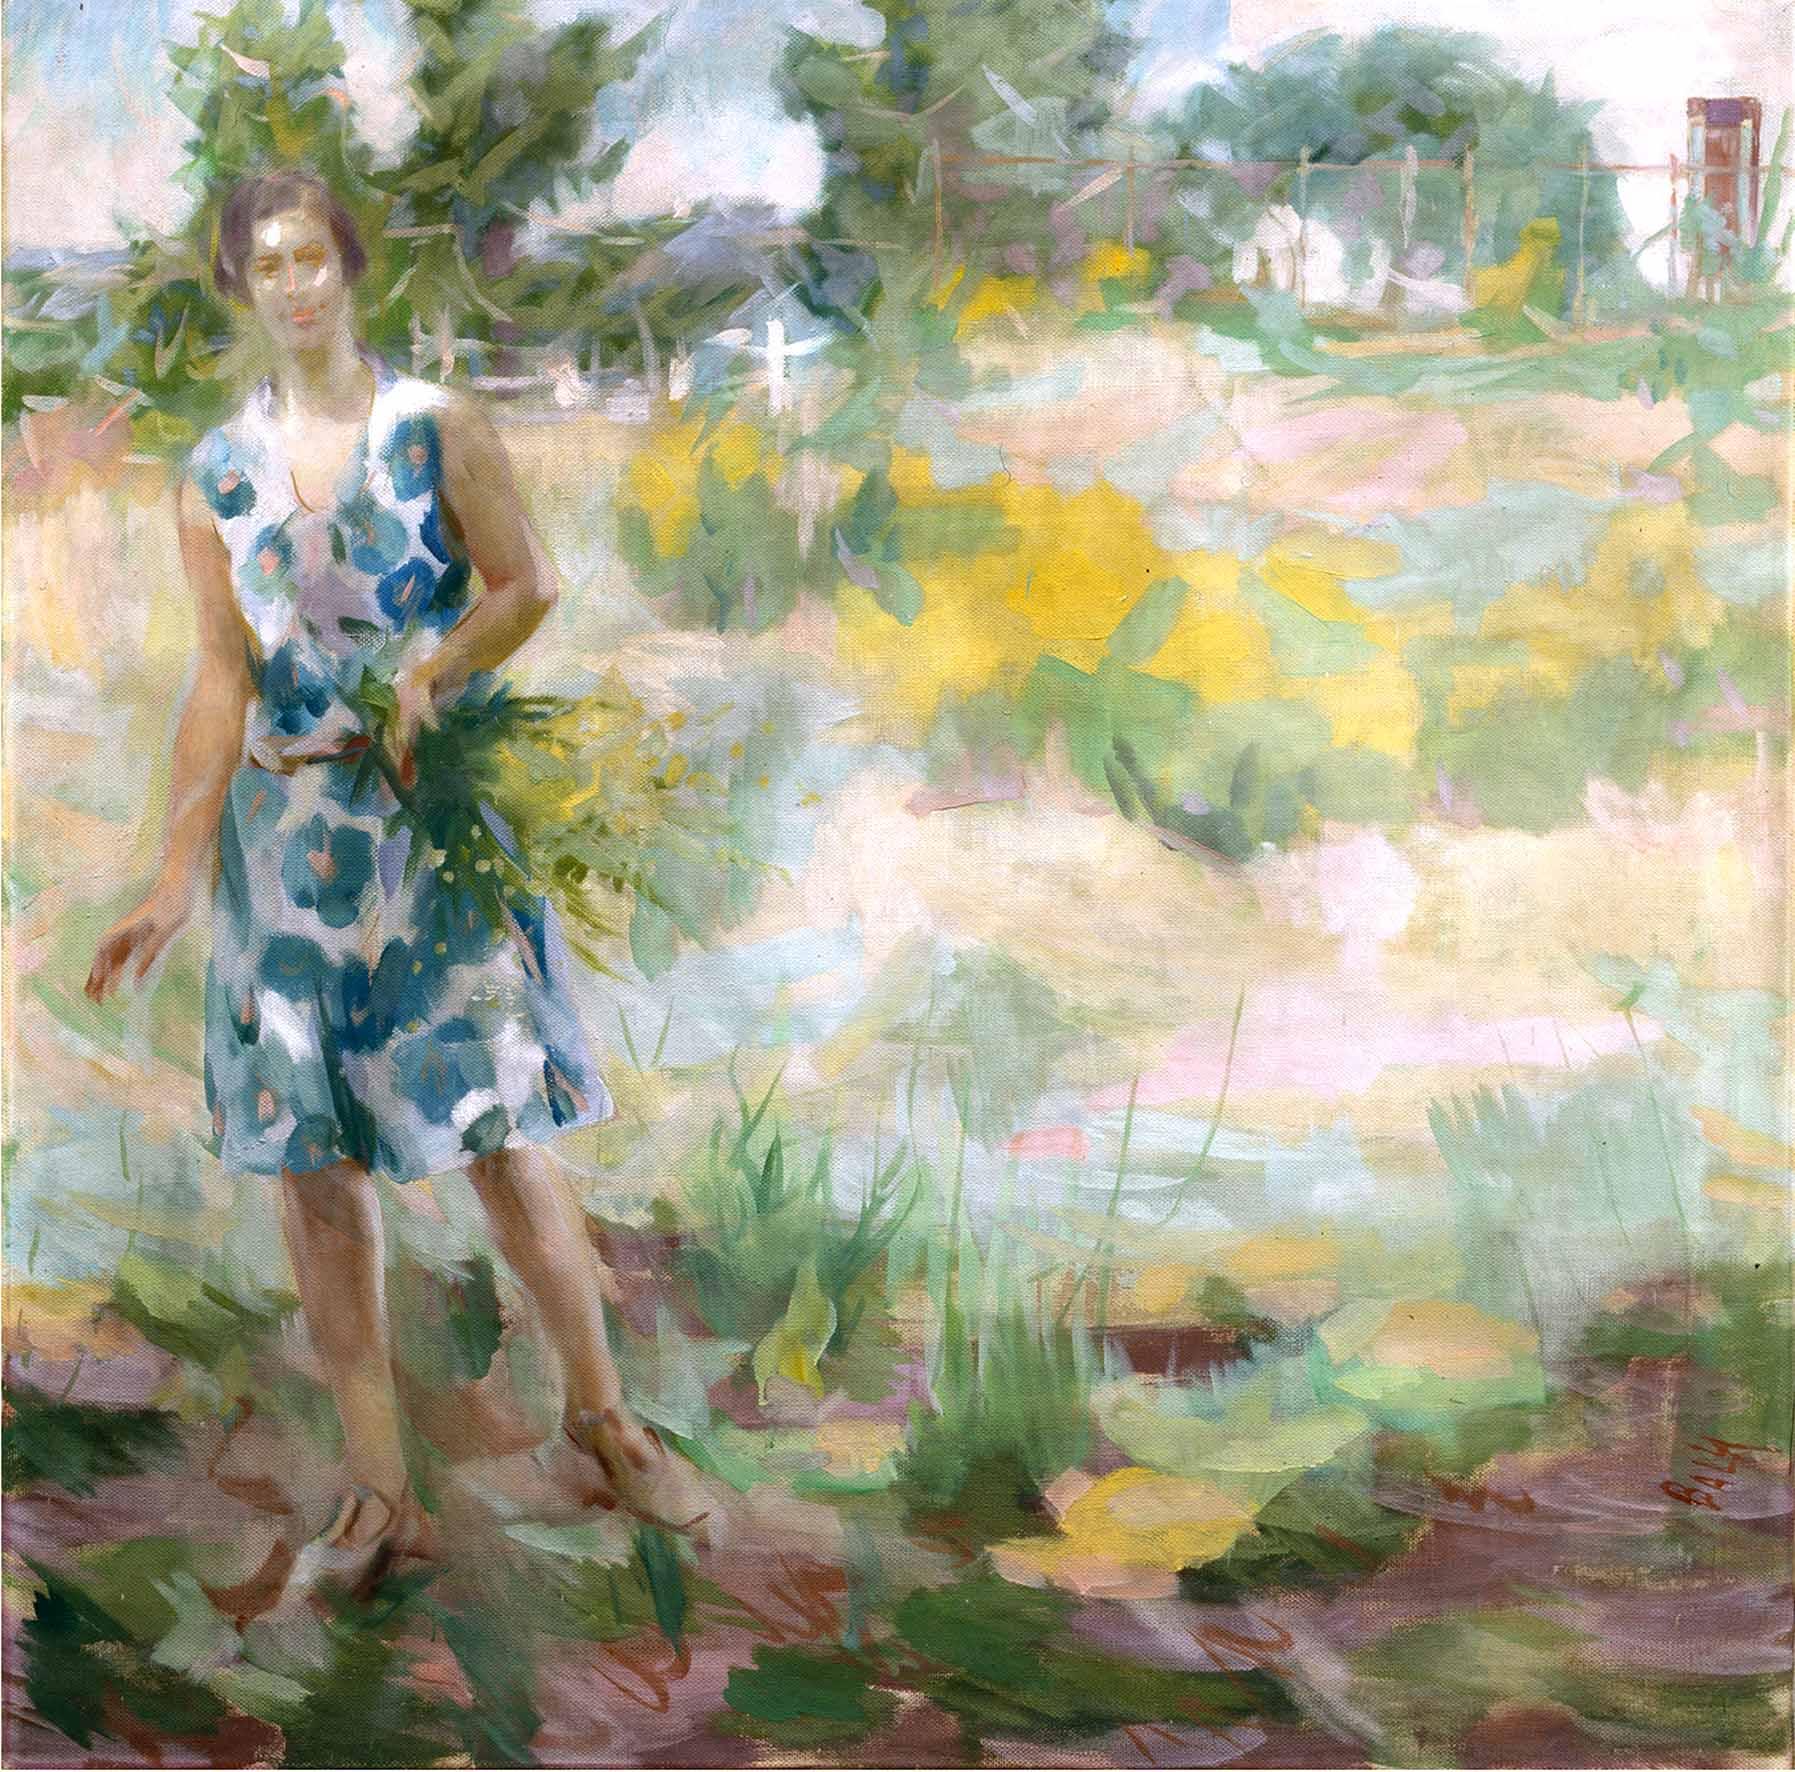 Giacomo Balla, Luce nella luce, 1928, olio su tela, 130x130 cm